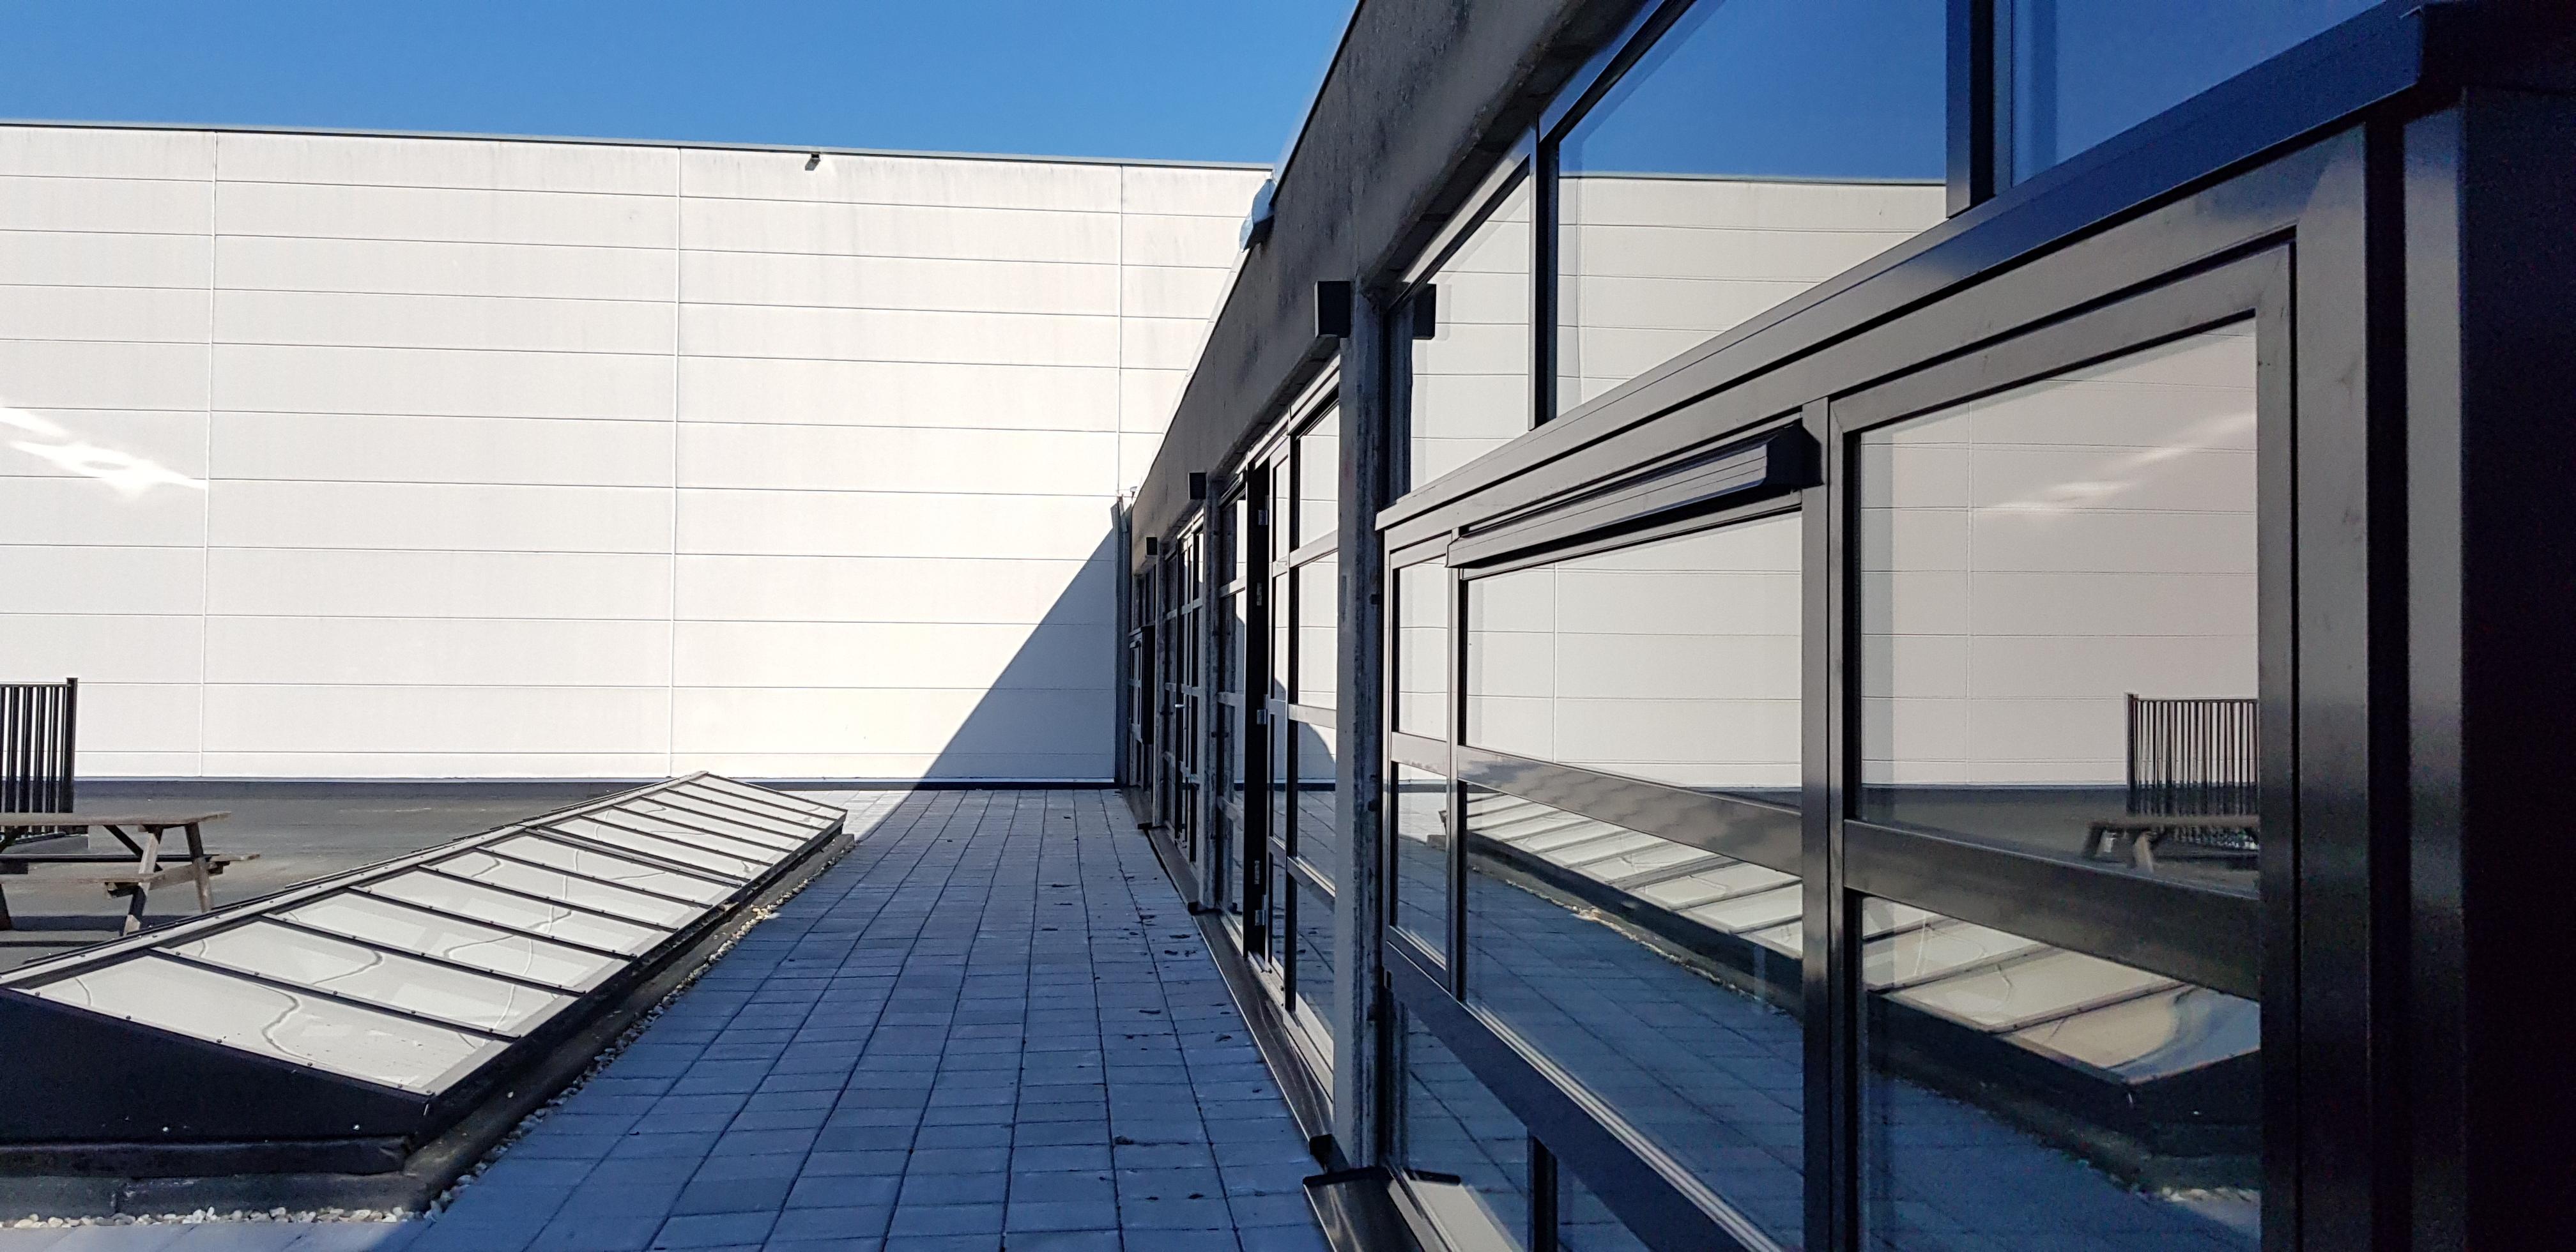 UFA Bouw_Renovatie_Generaal Vetterstraat_Bedrijfslofts_Dakterras en kozijnen liggend